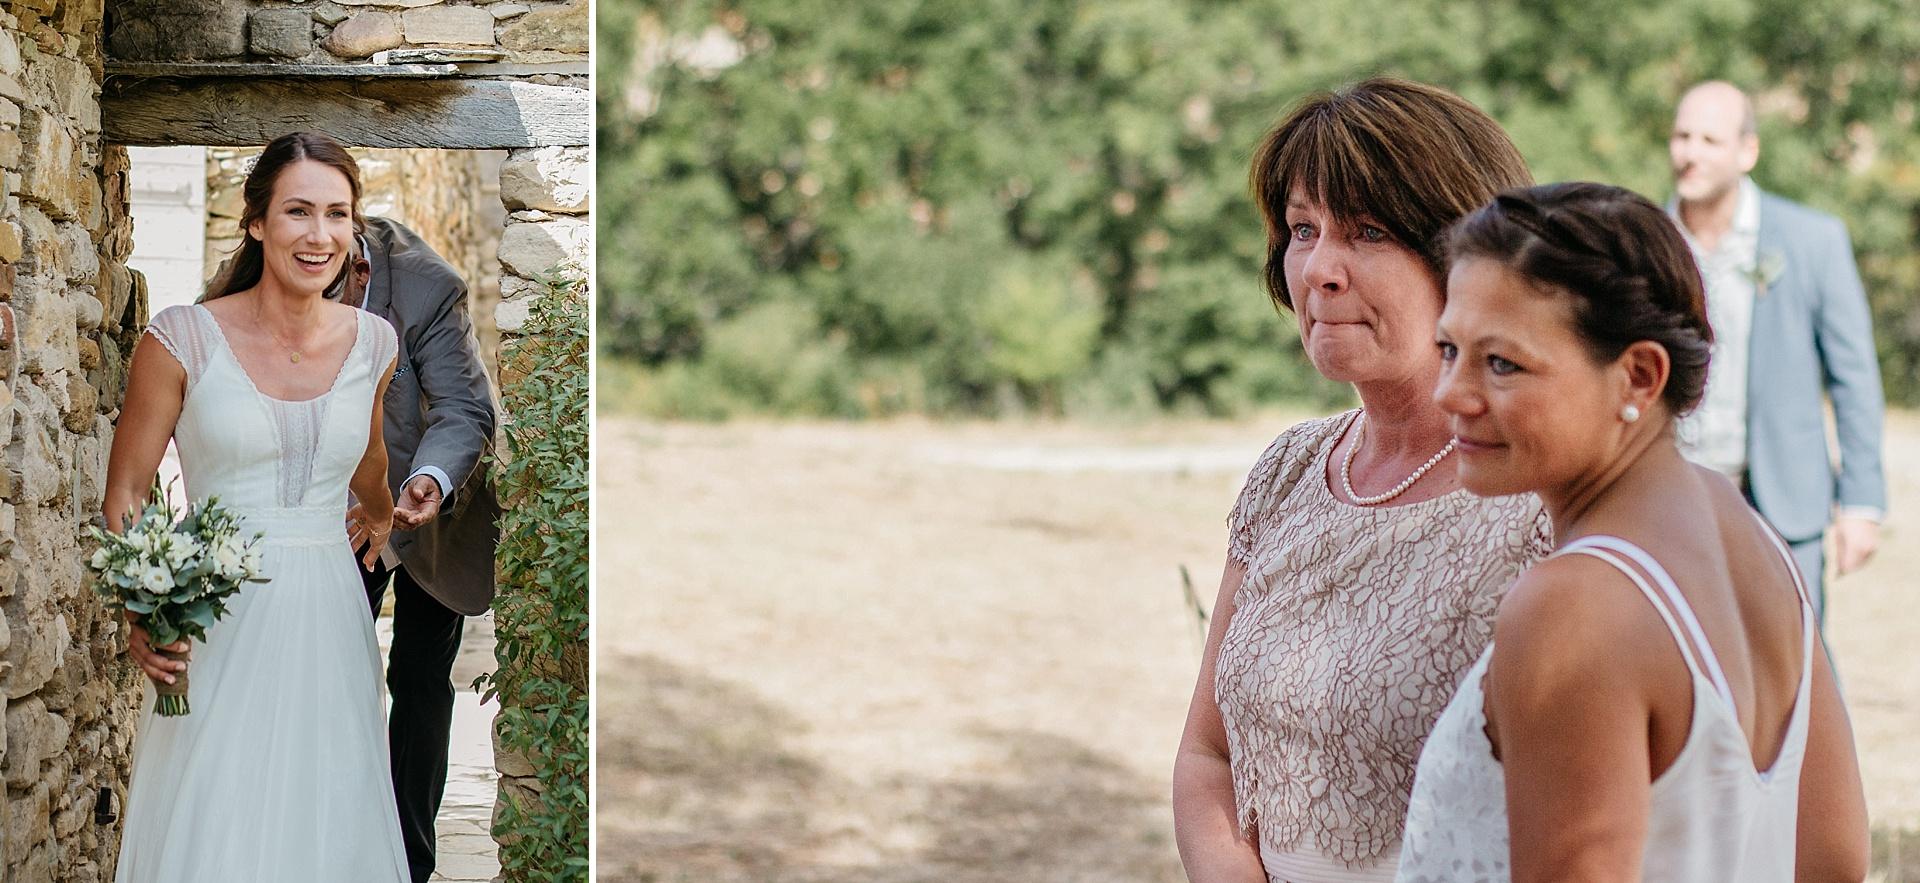 Traumhafte Hochzeit in der Provence. Die Braut wird sehnlichst erwartet. Die Mutter der Braut ist zutiefst gerührt.